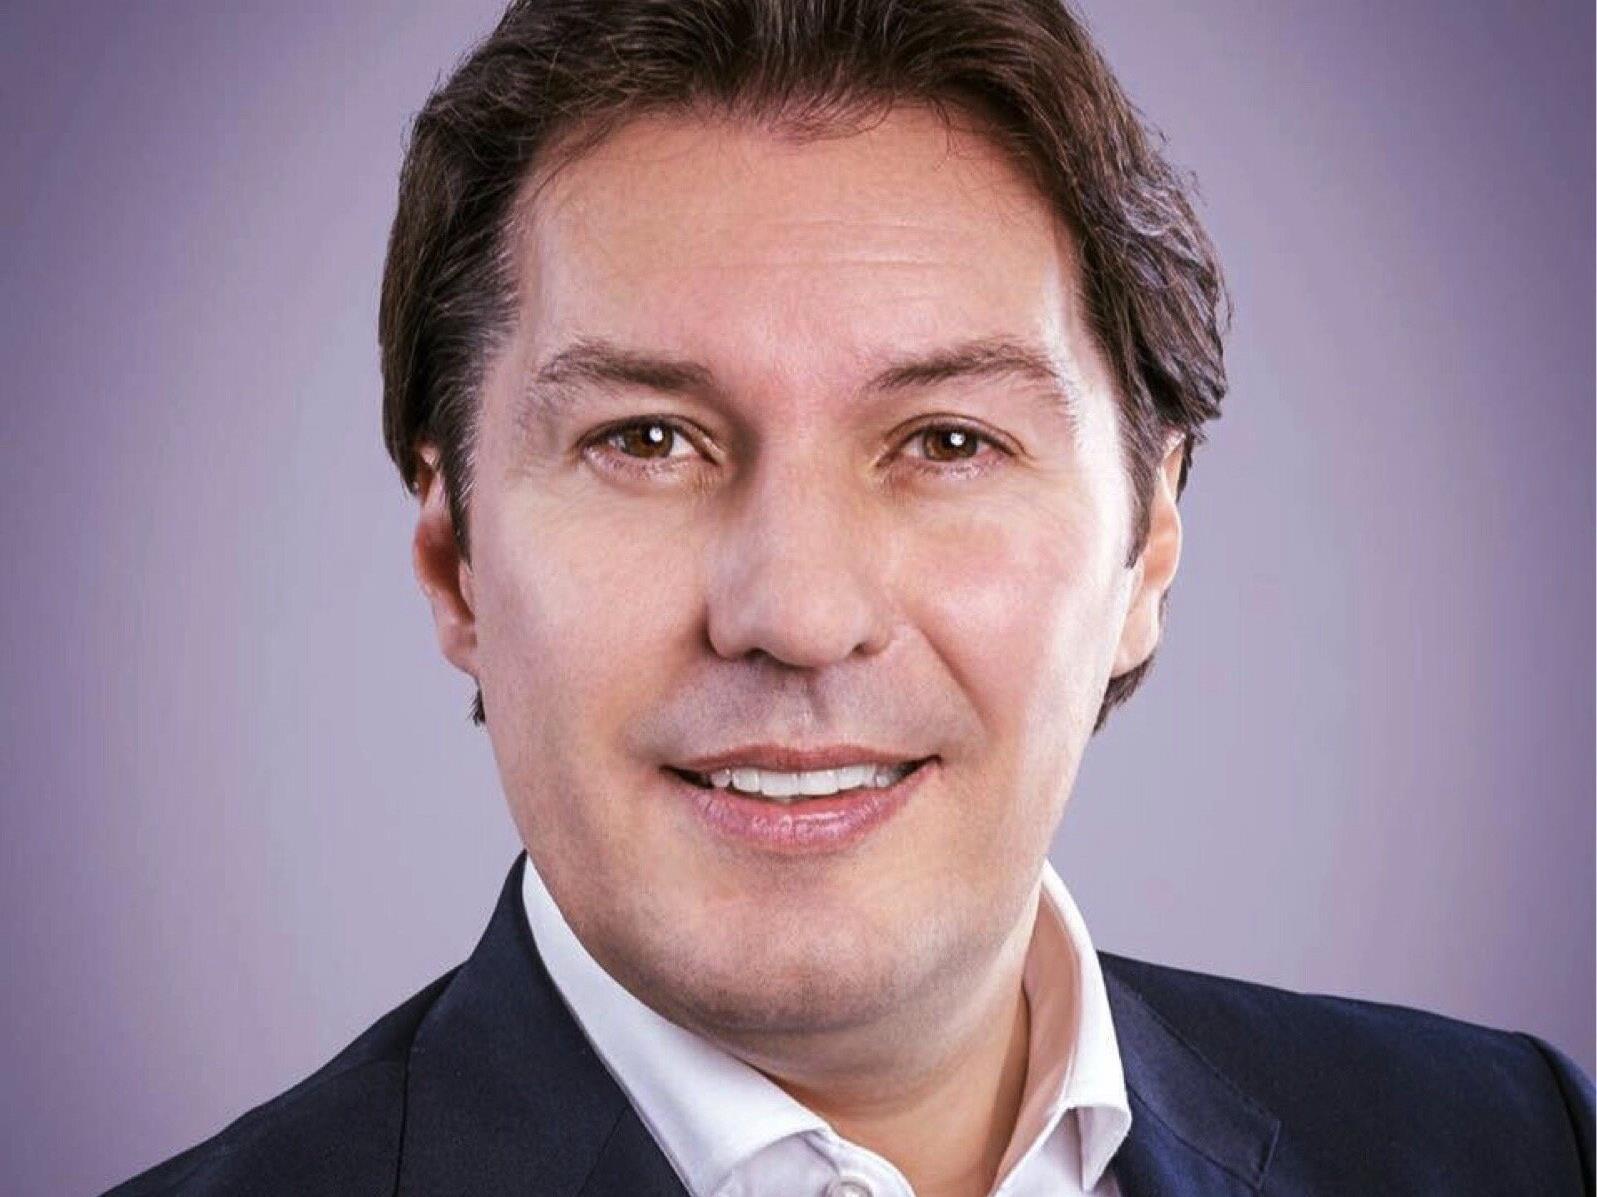 FPÖ-Gemeinderat Martin Fitz fordert schon seit Jahren ein konsequentes Vorgehen